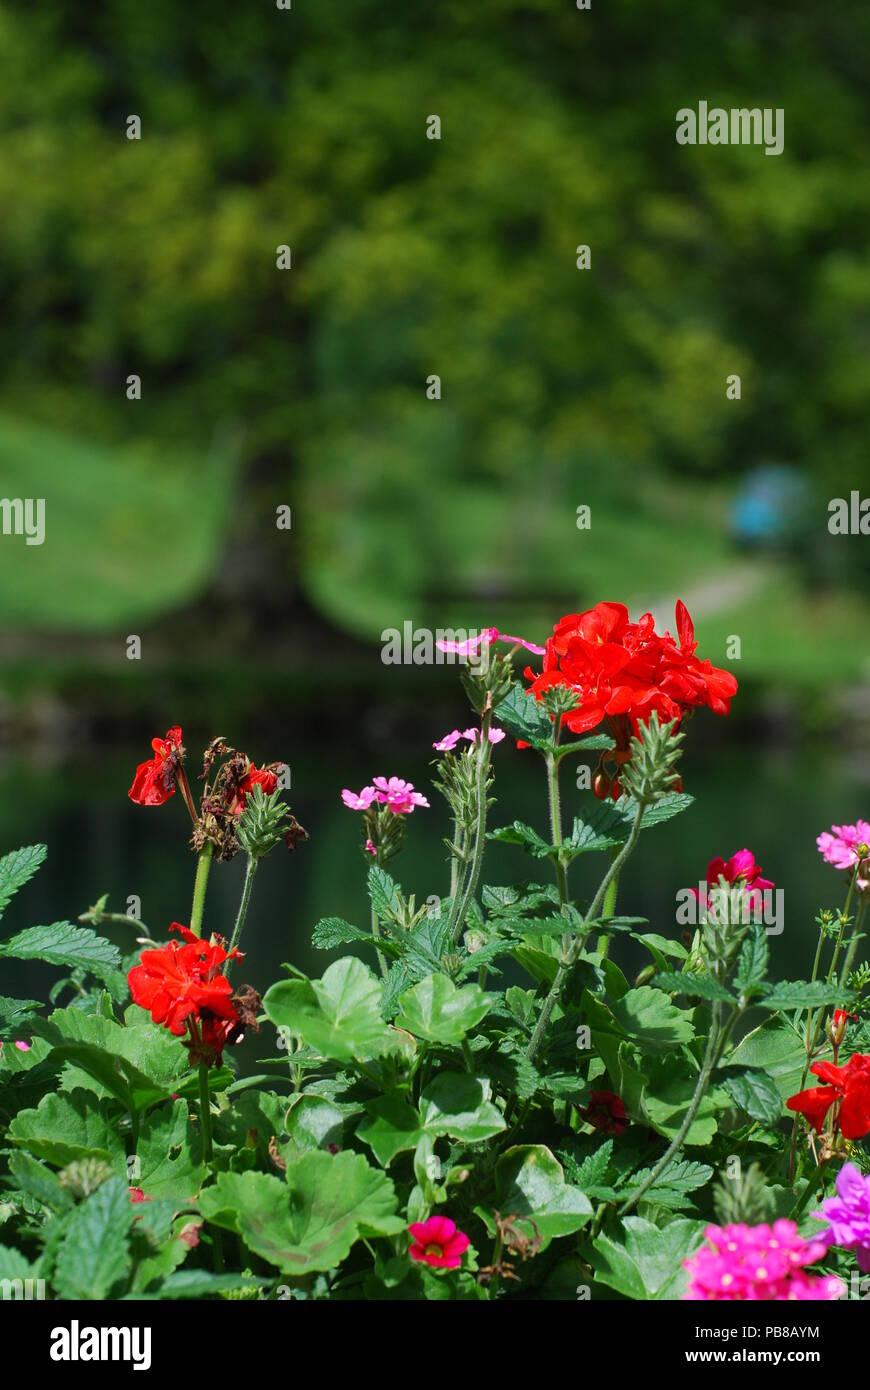 Schöne Blumen In Einem Garten In Lienz österreich Stockfoto Bild